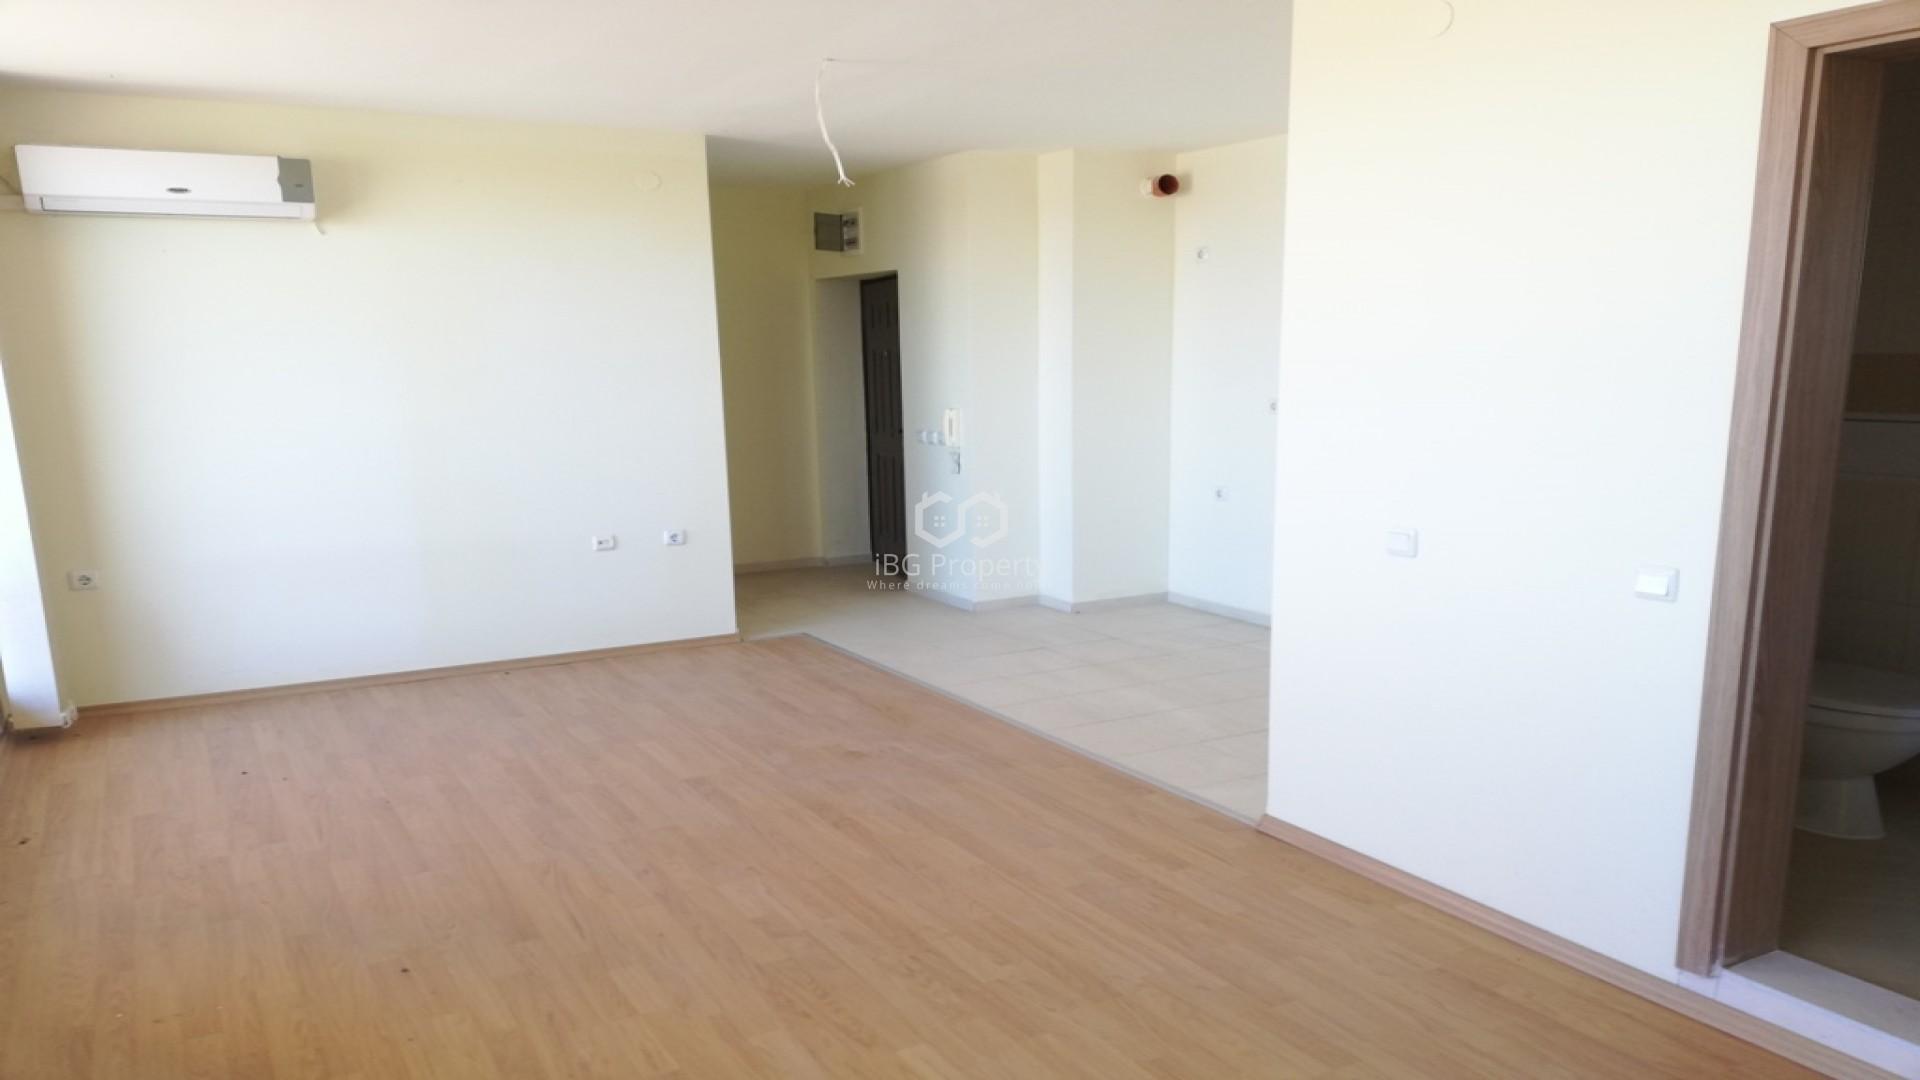 Einzimmerwohnung in Sonnenstrand 47,74 m2